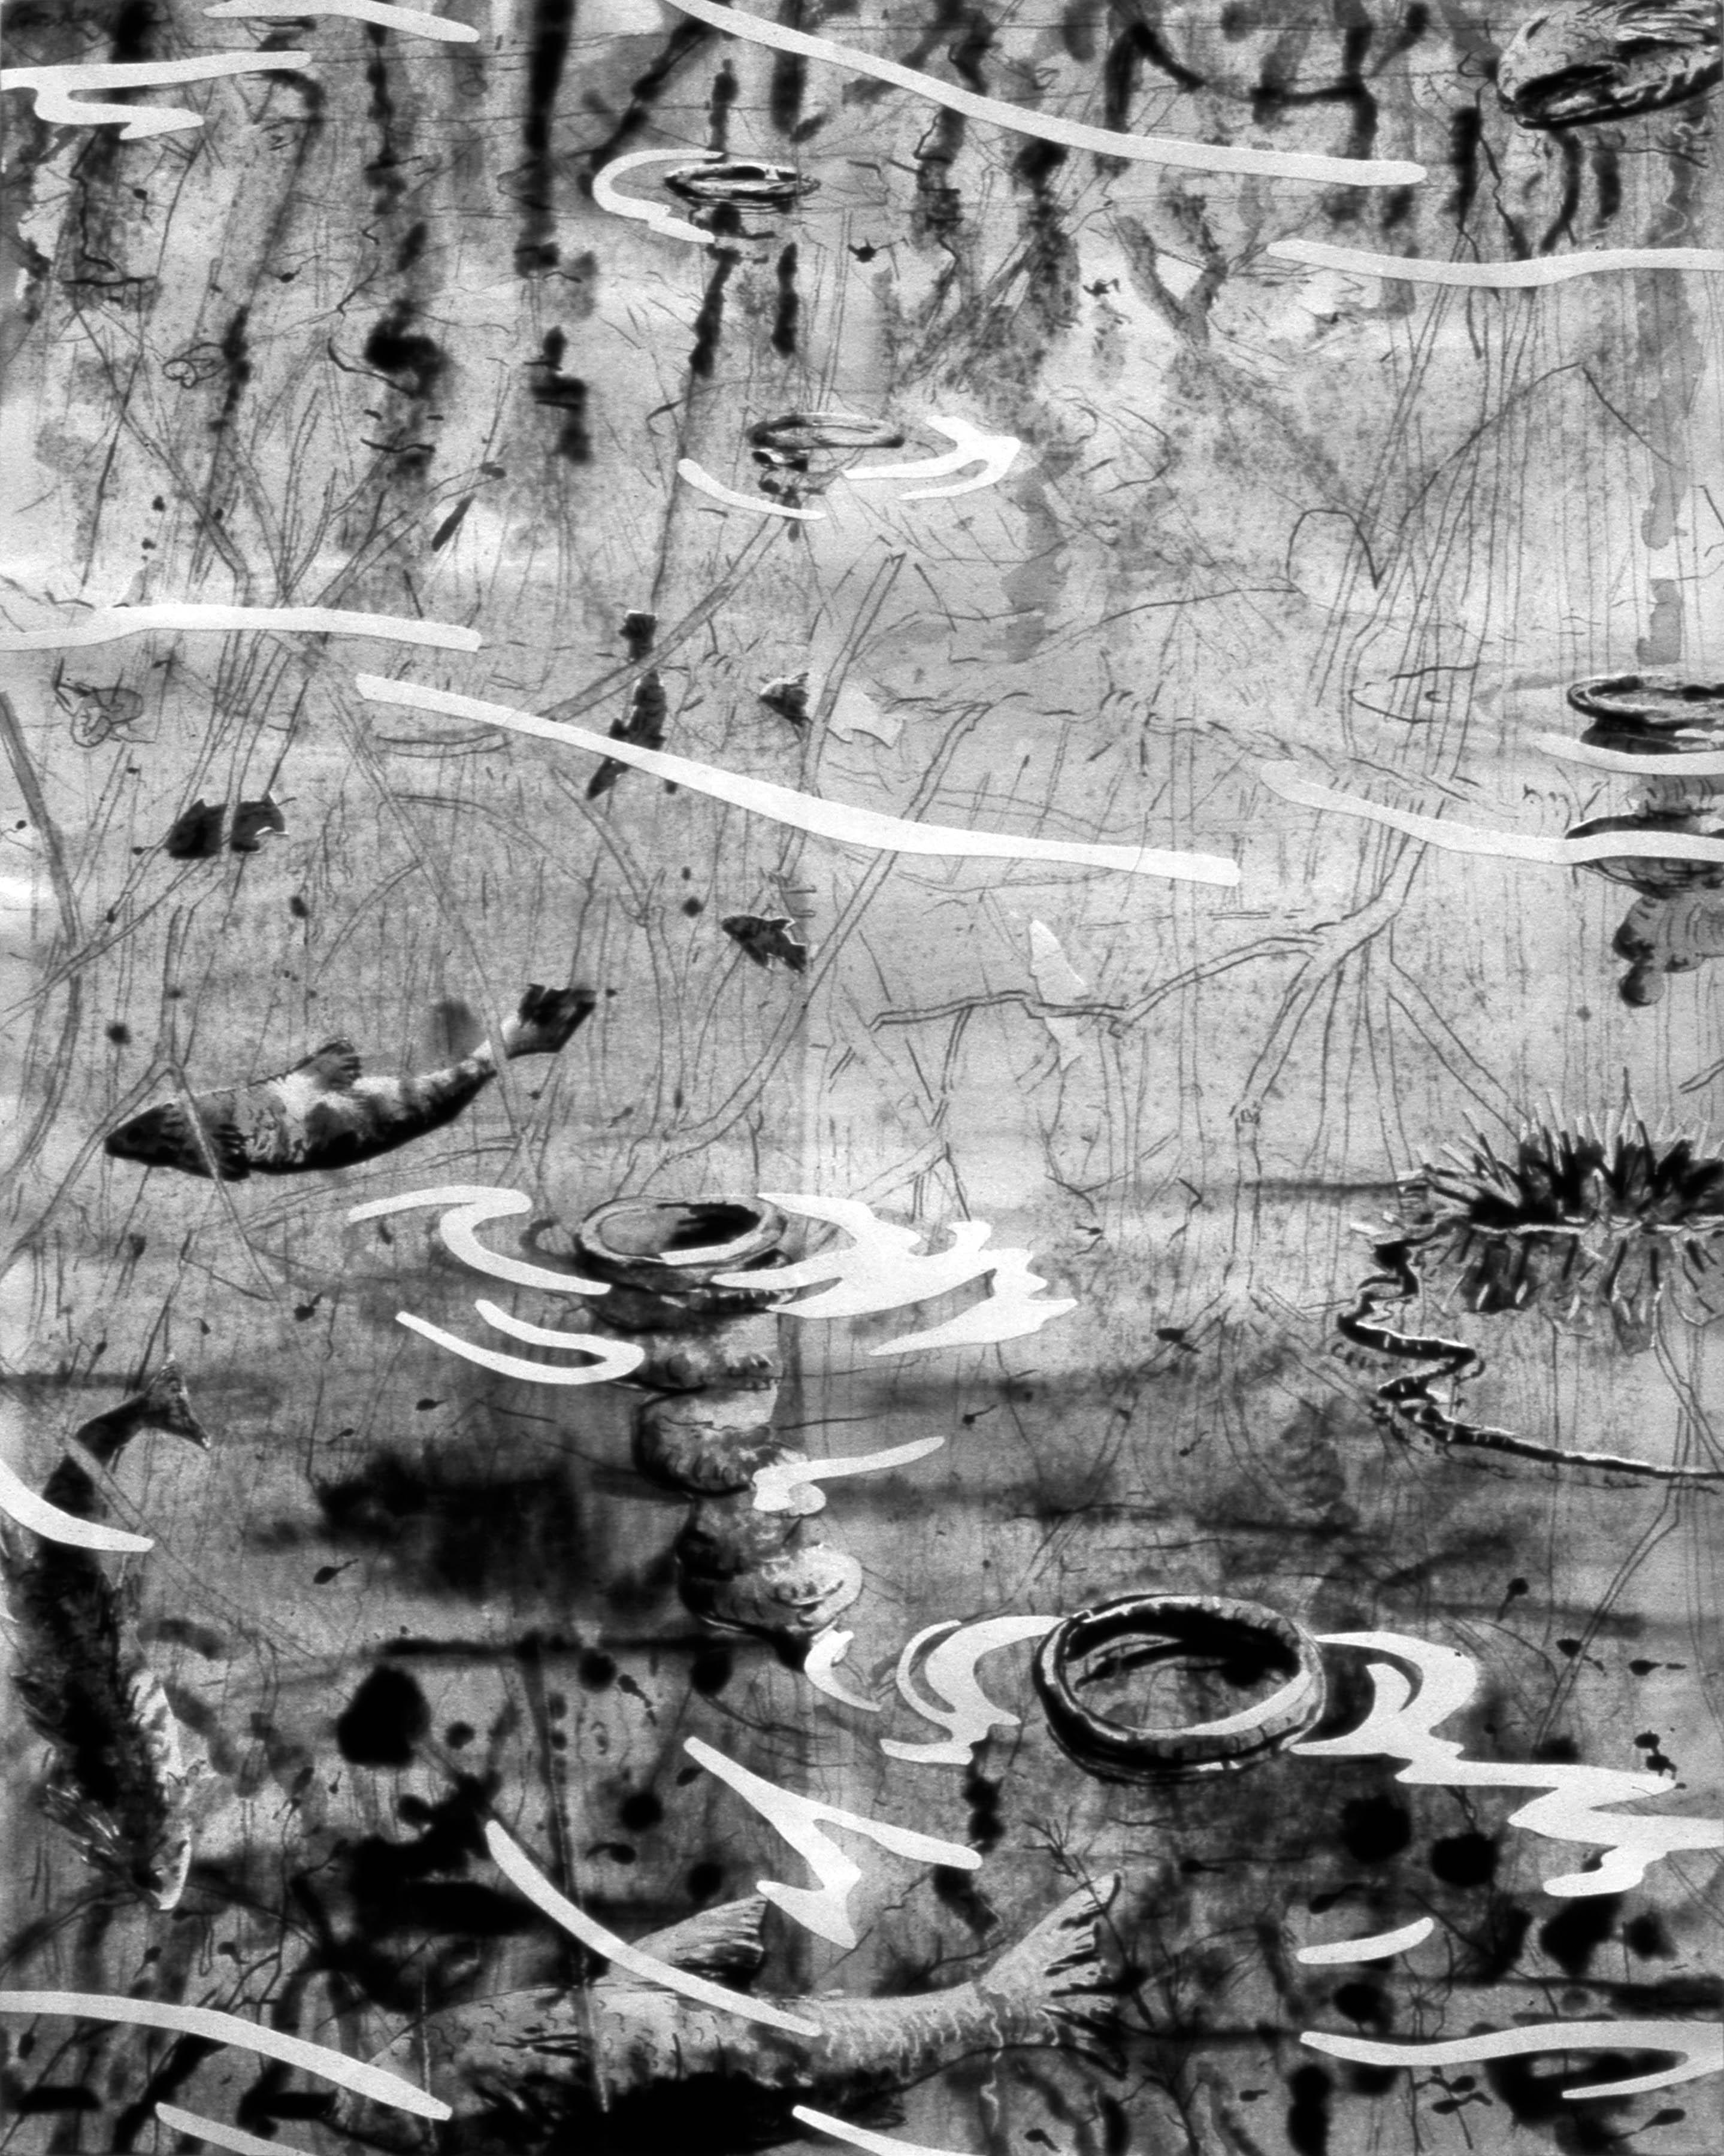 The River Tees at Yarm